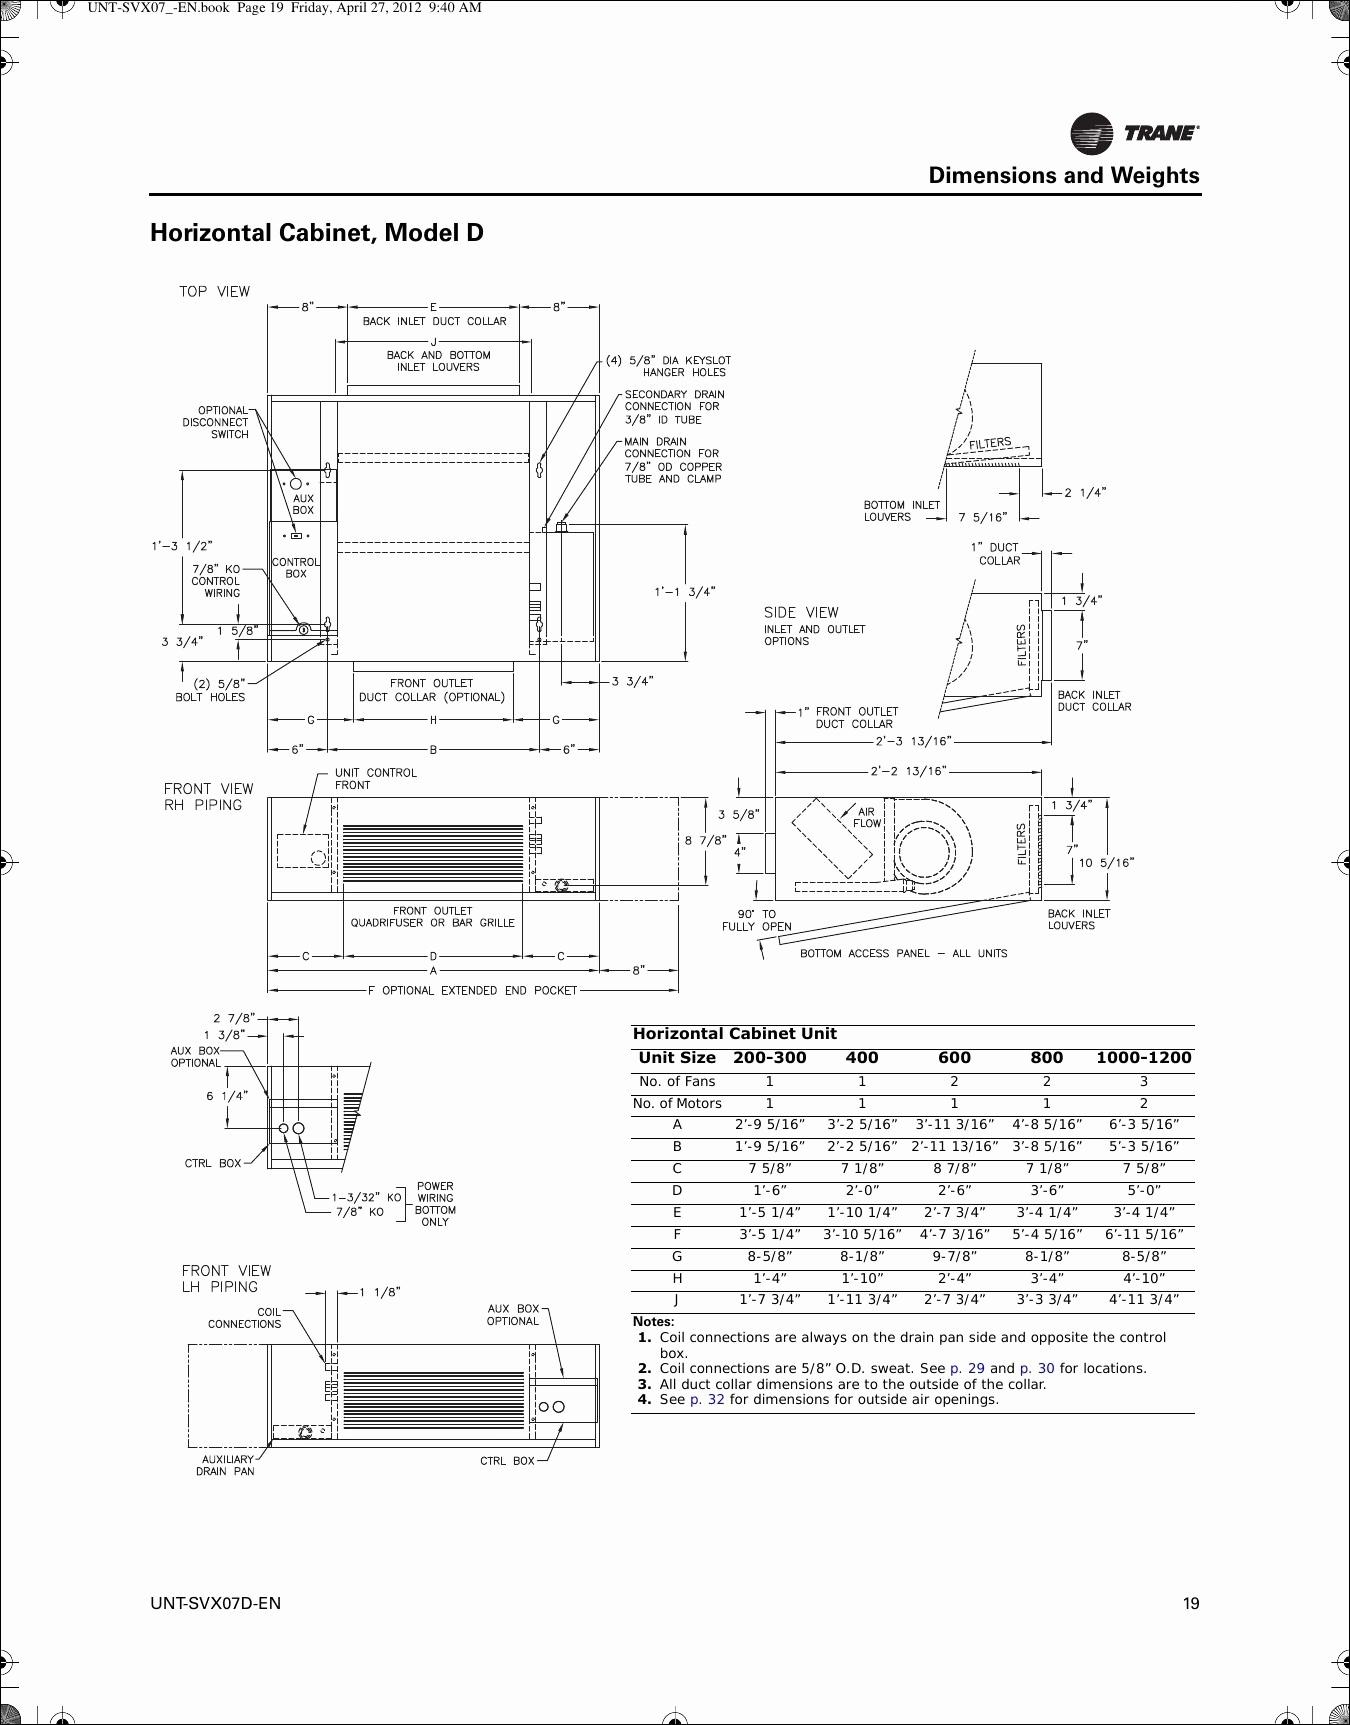 Dayton Electric Motors Wiring Diagram Inspirational 110V Electric - Dayton Electric Motors Wiring Diagram